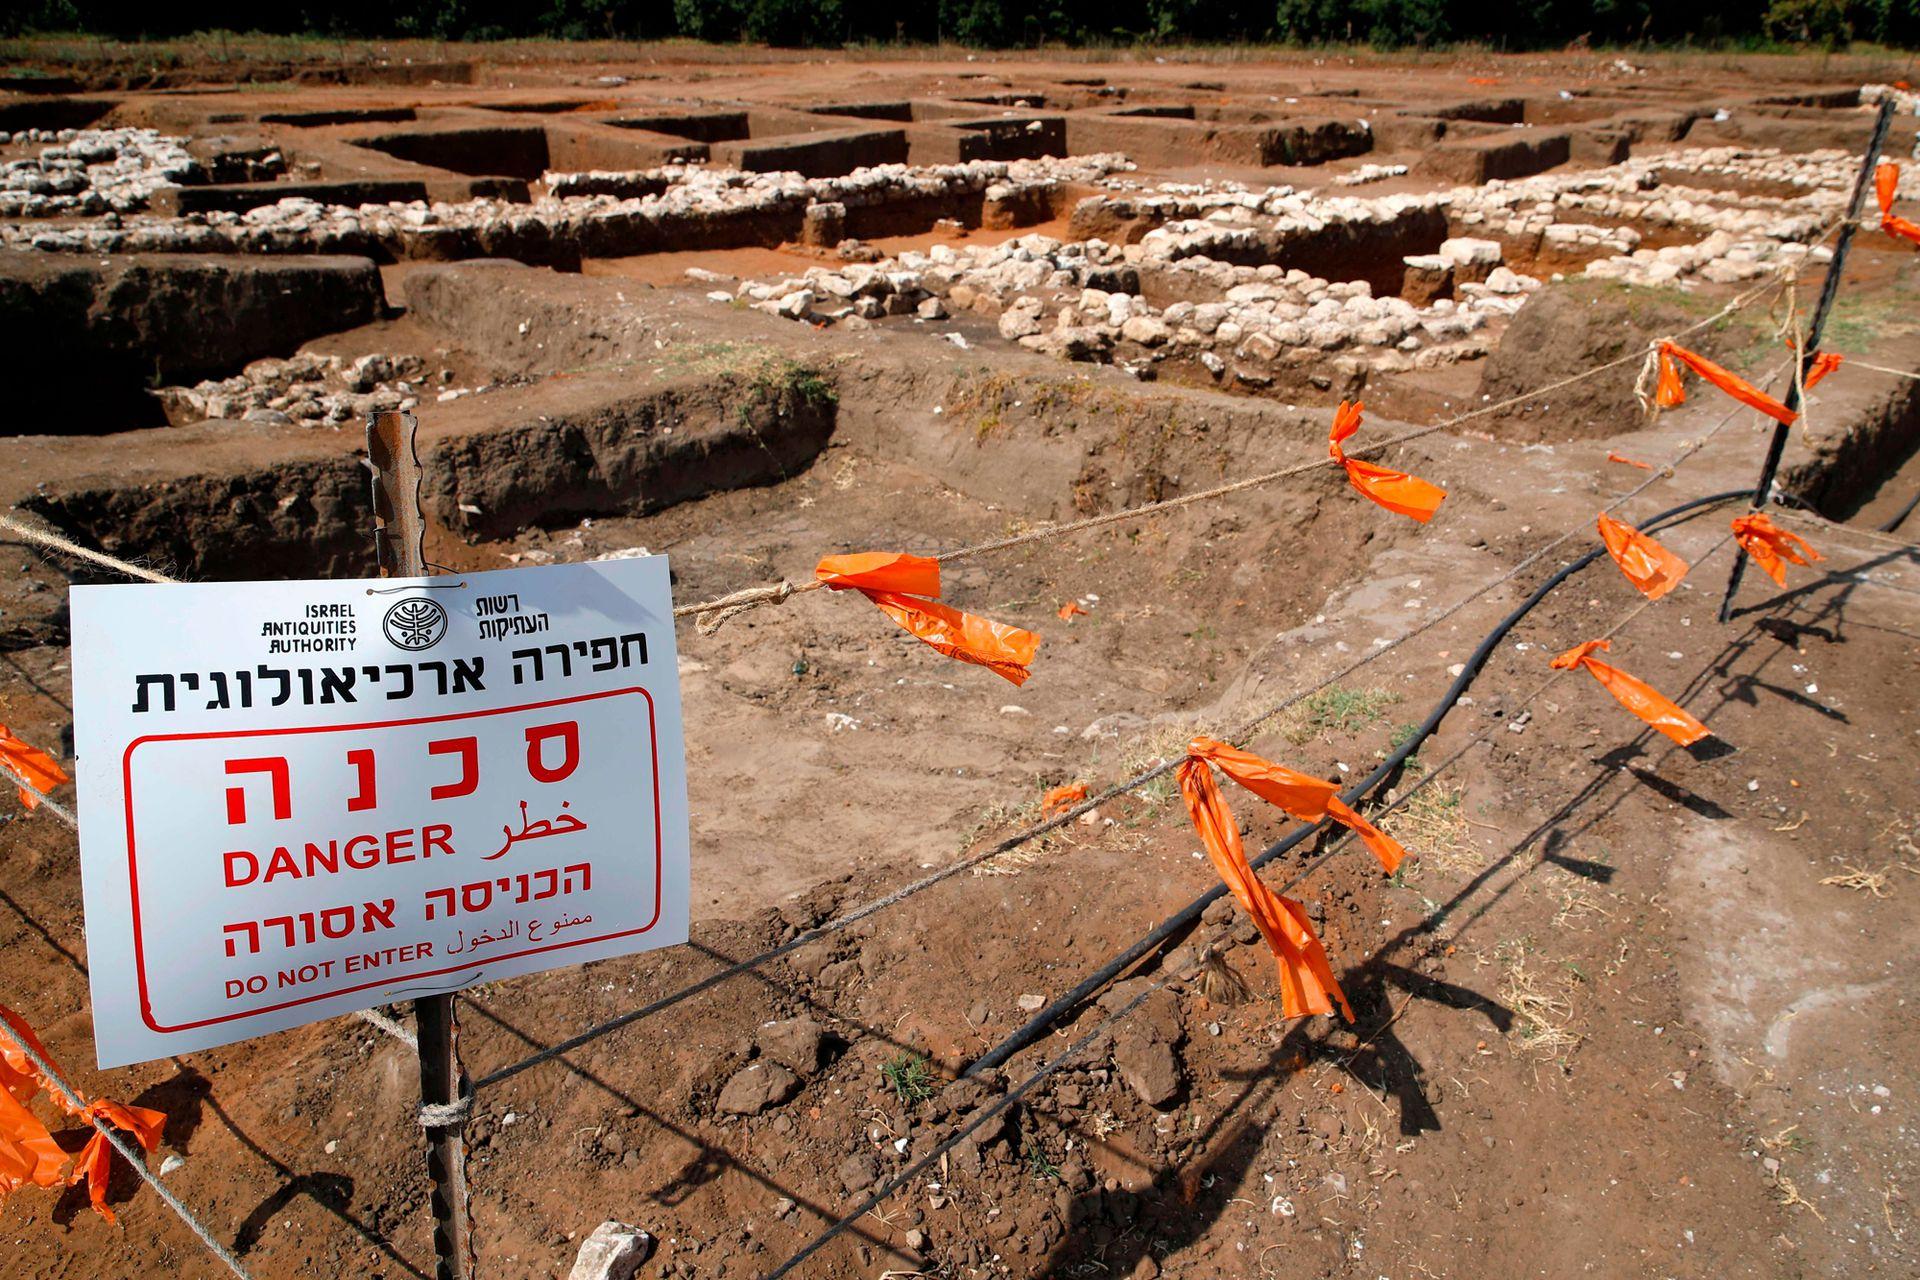 Restos de animales quemados en un estanque de piedra en el interior del templo, prueba de ofrendas de sacrificios.